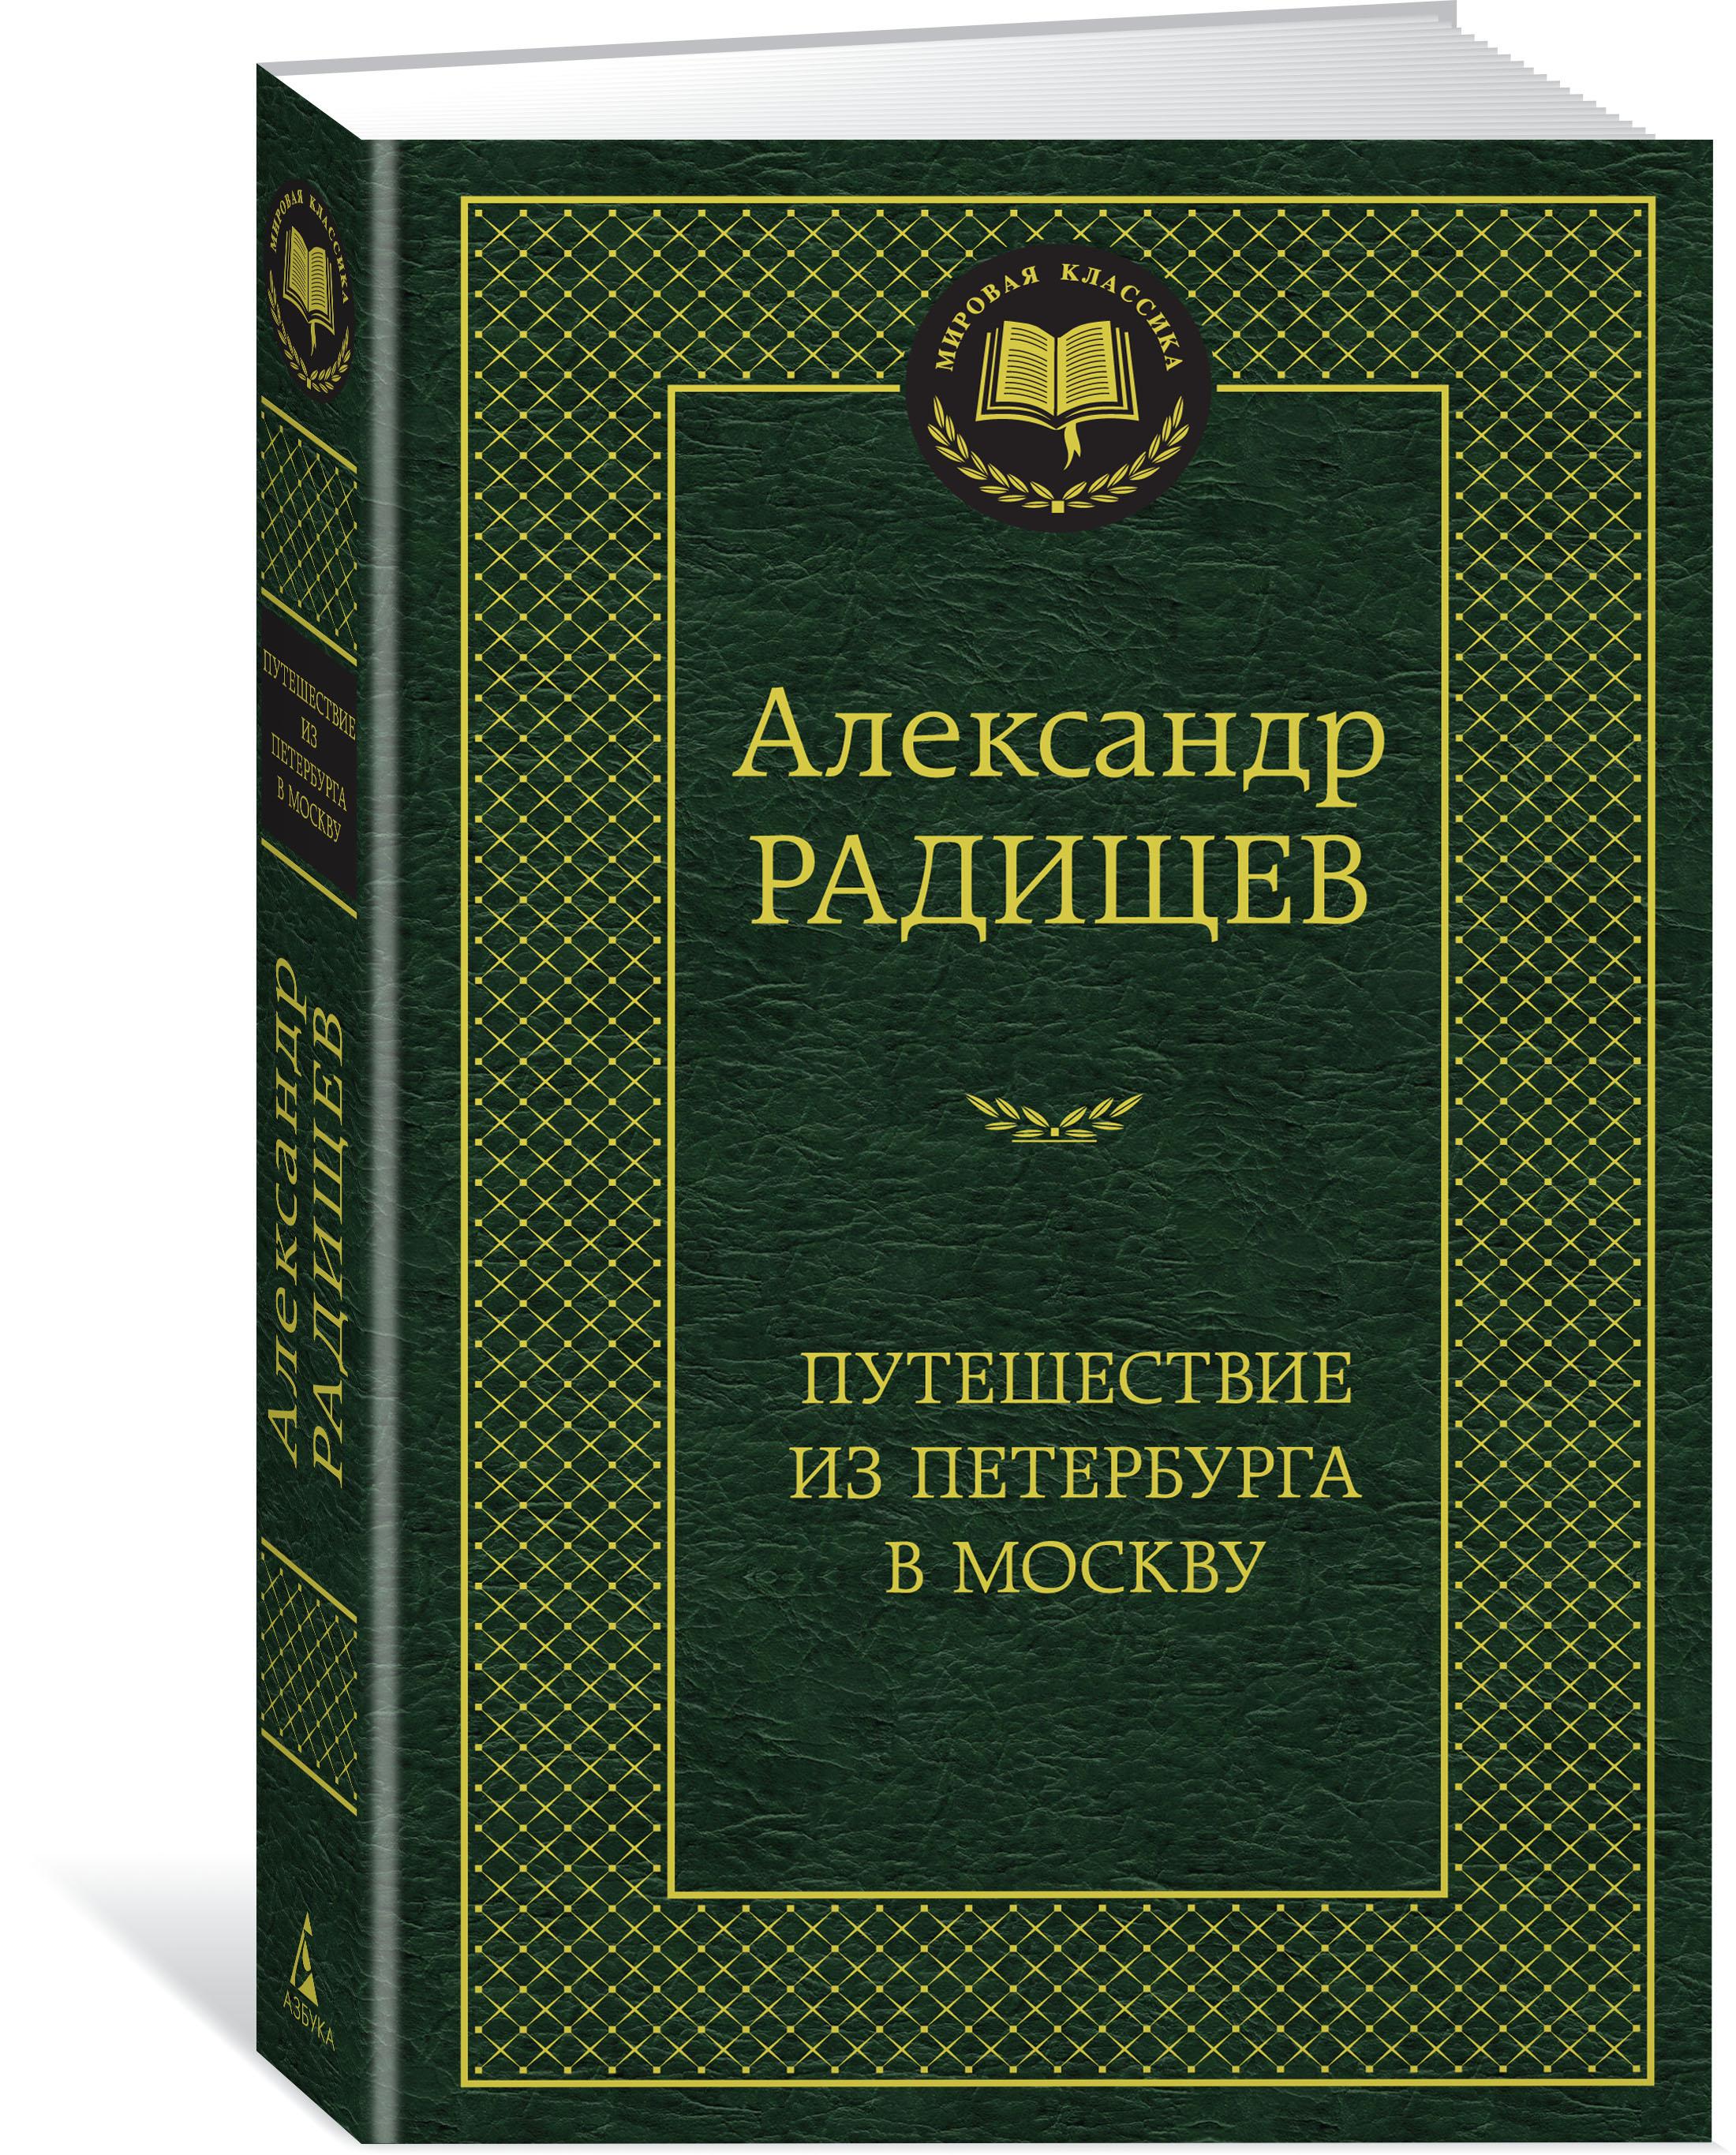 Александр Радищев Путешествие из Петербурга в Москву путешествие на галапагос сочинение